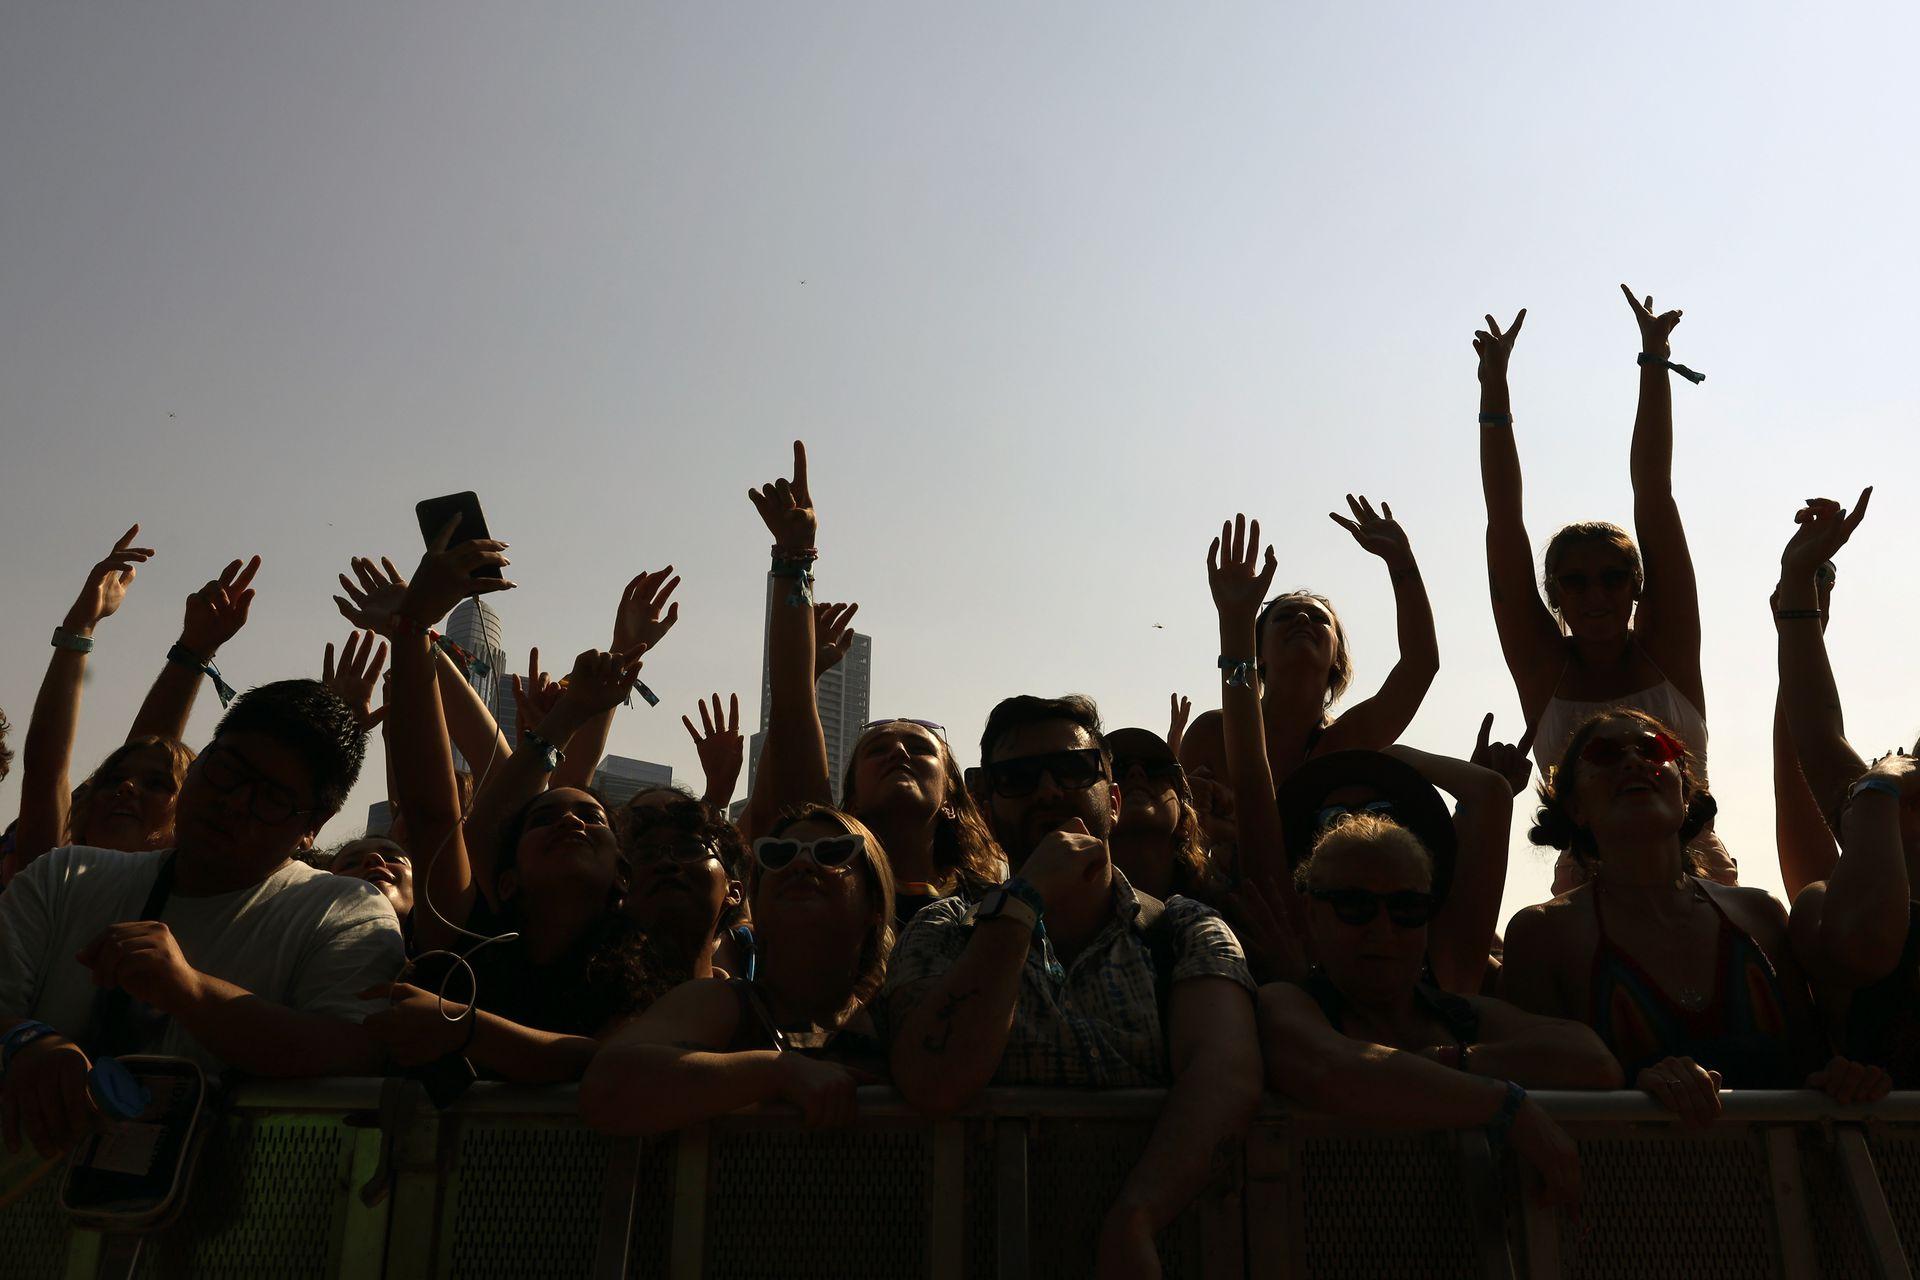 Los fanáticos se recortan contra el cielo mientras vitorean y agitan sus manos en el aire el primer día del festival de música Lollapalooza el jueves 29 de julio de 2021 en Grant Park en Chicago